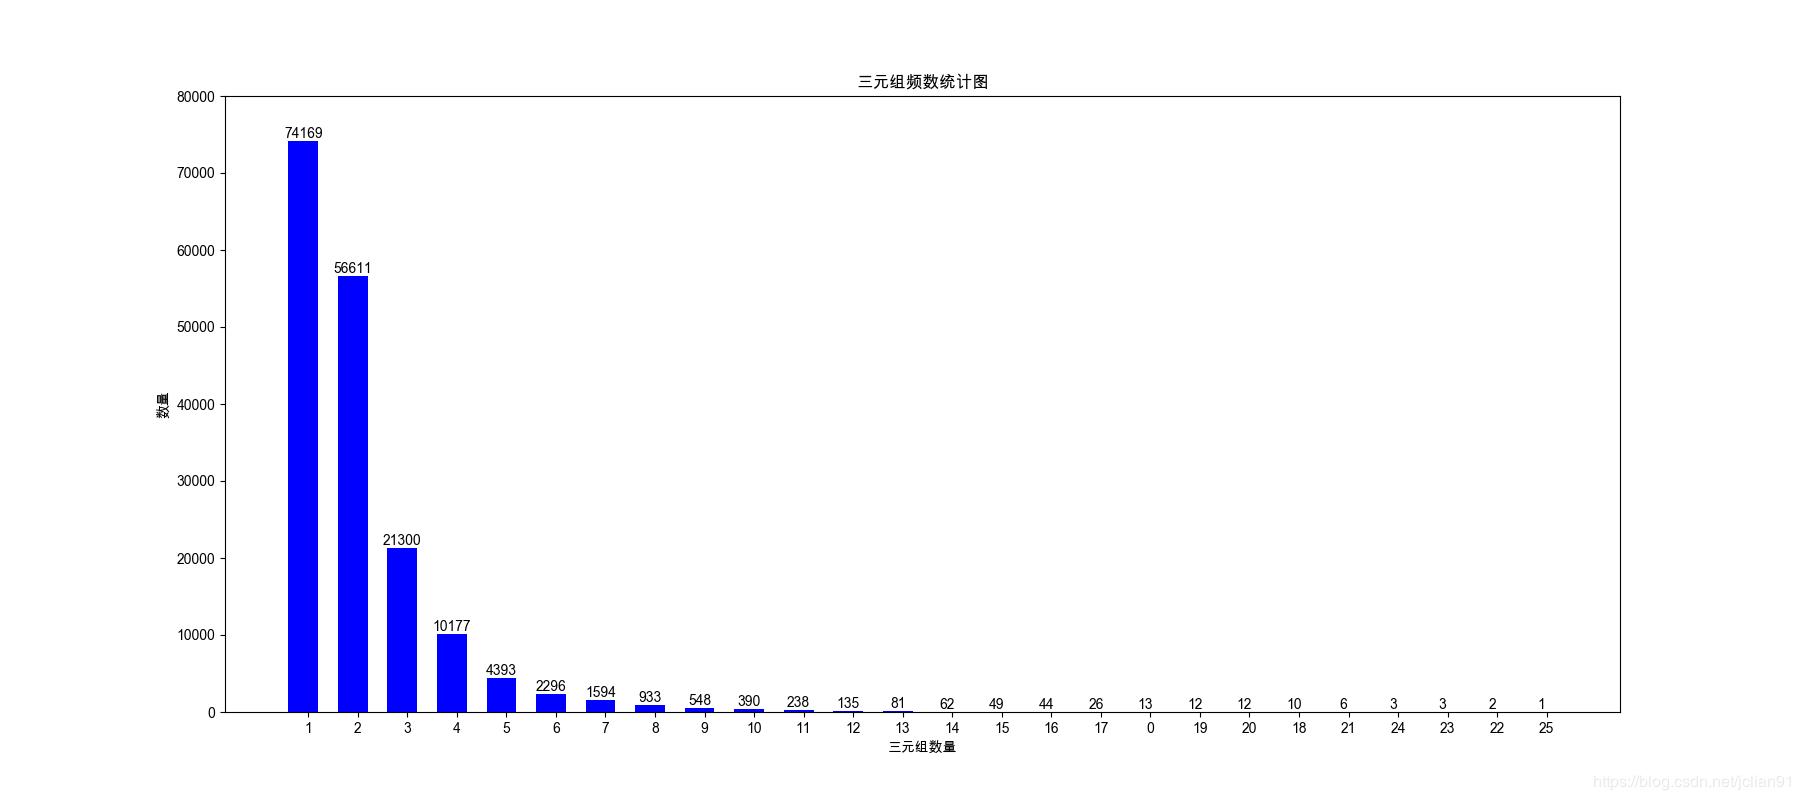 每句话中的三元组数量分布图